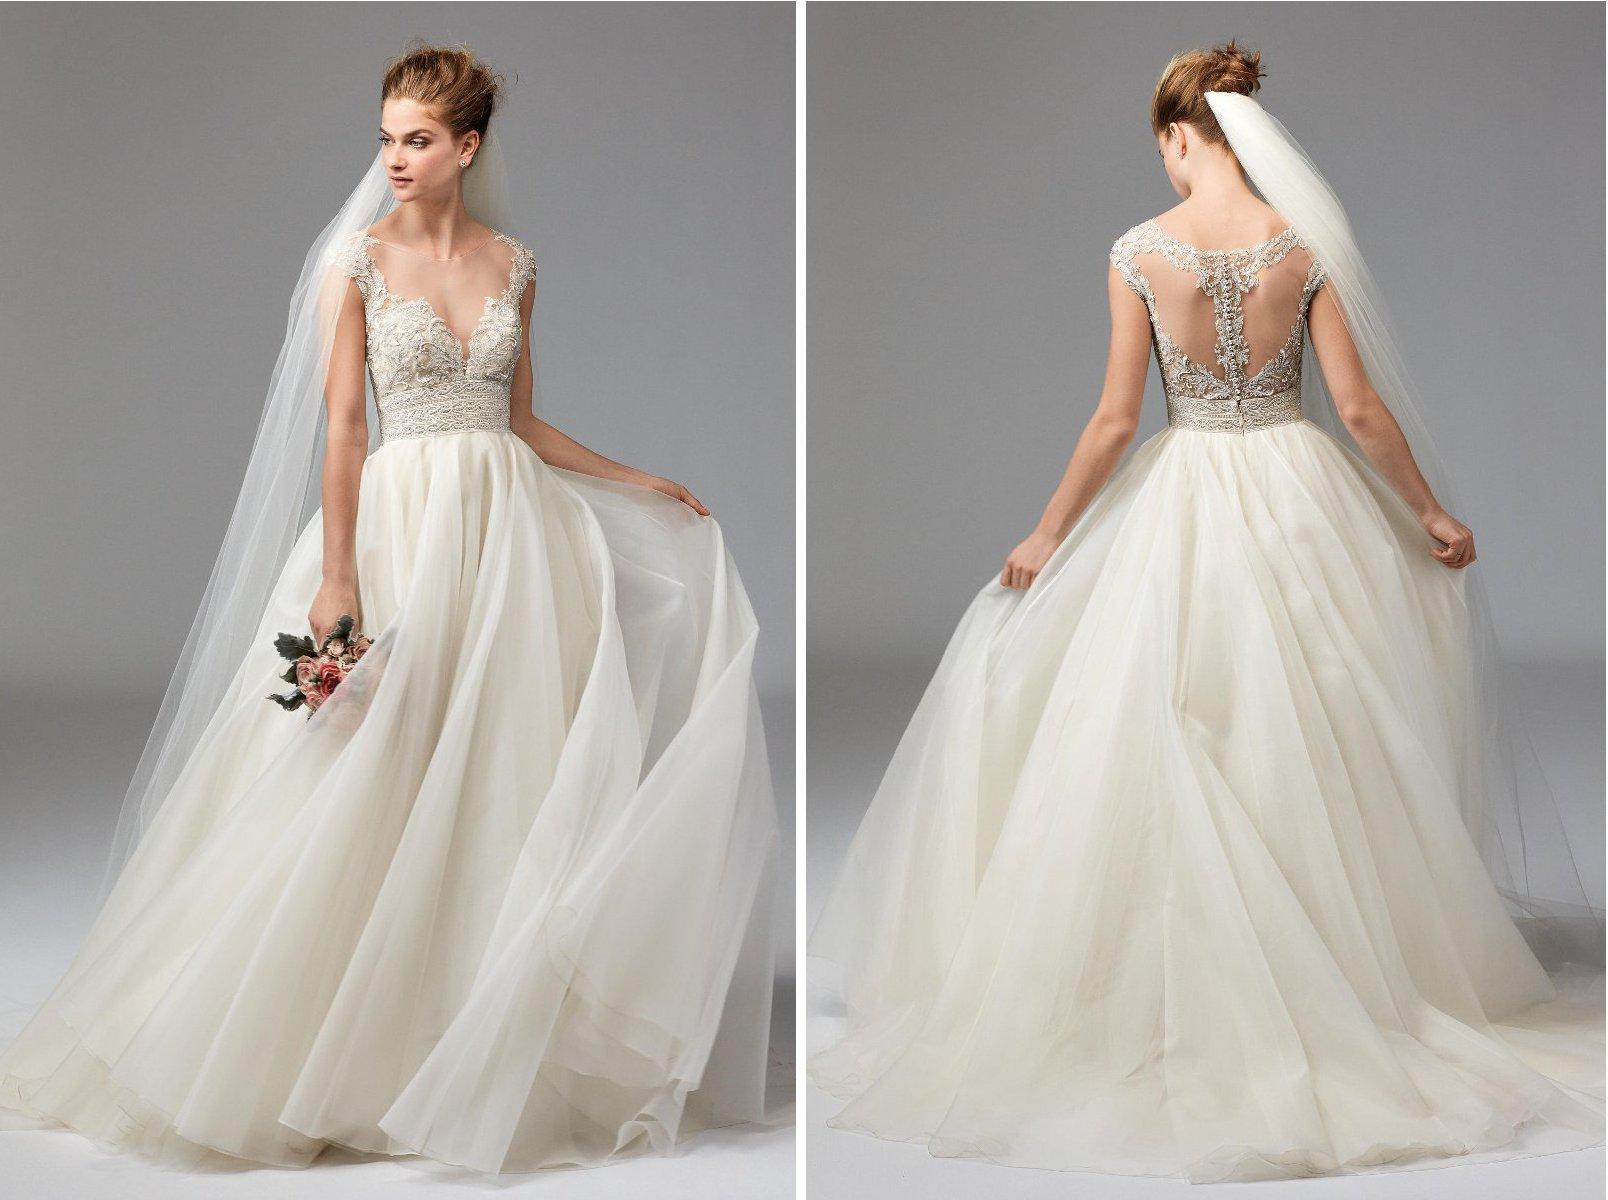 Hochzeitskleid leicht